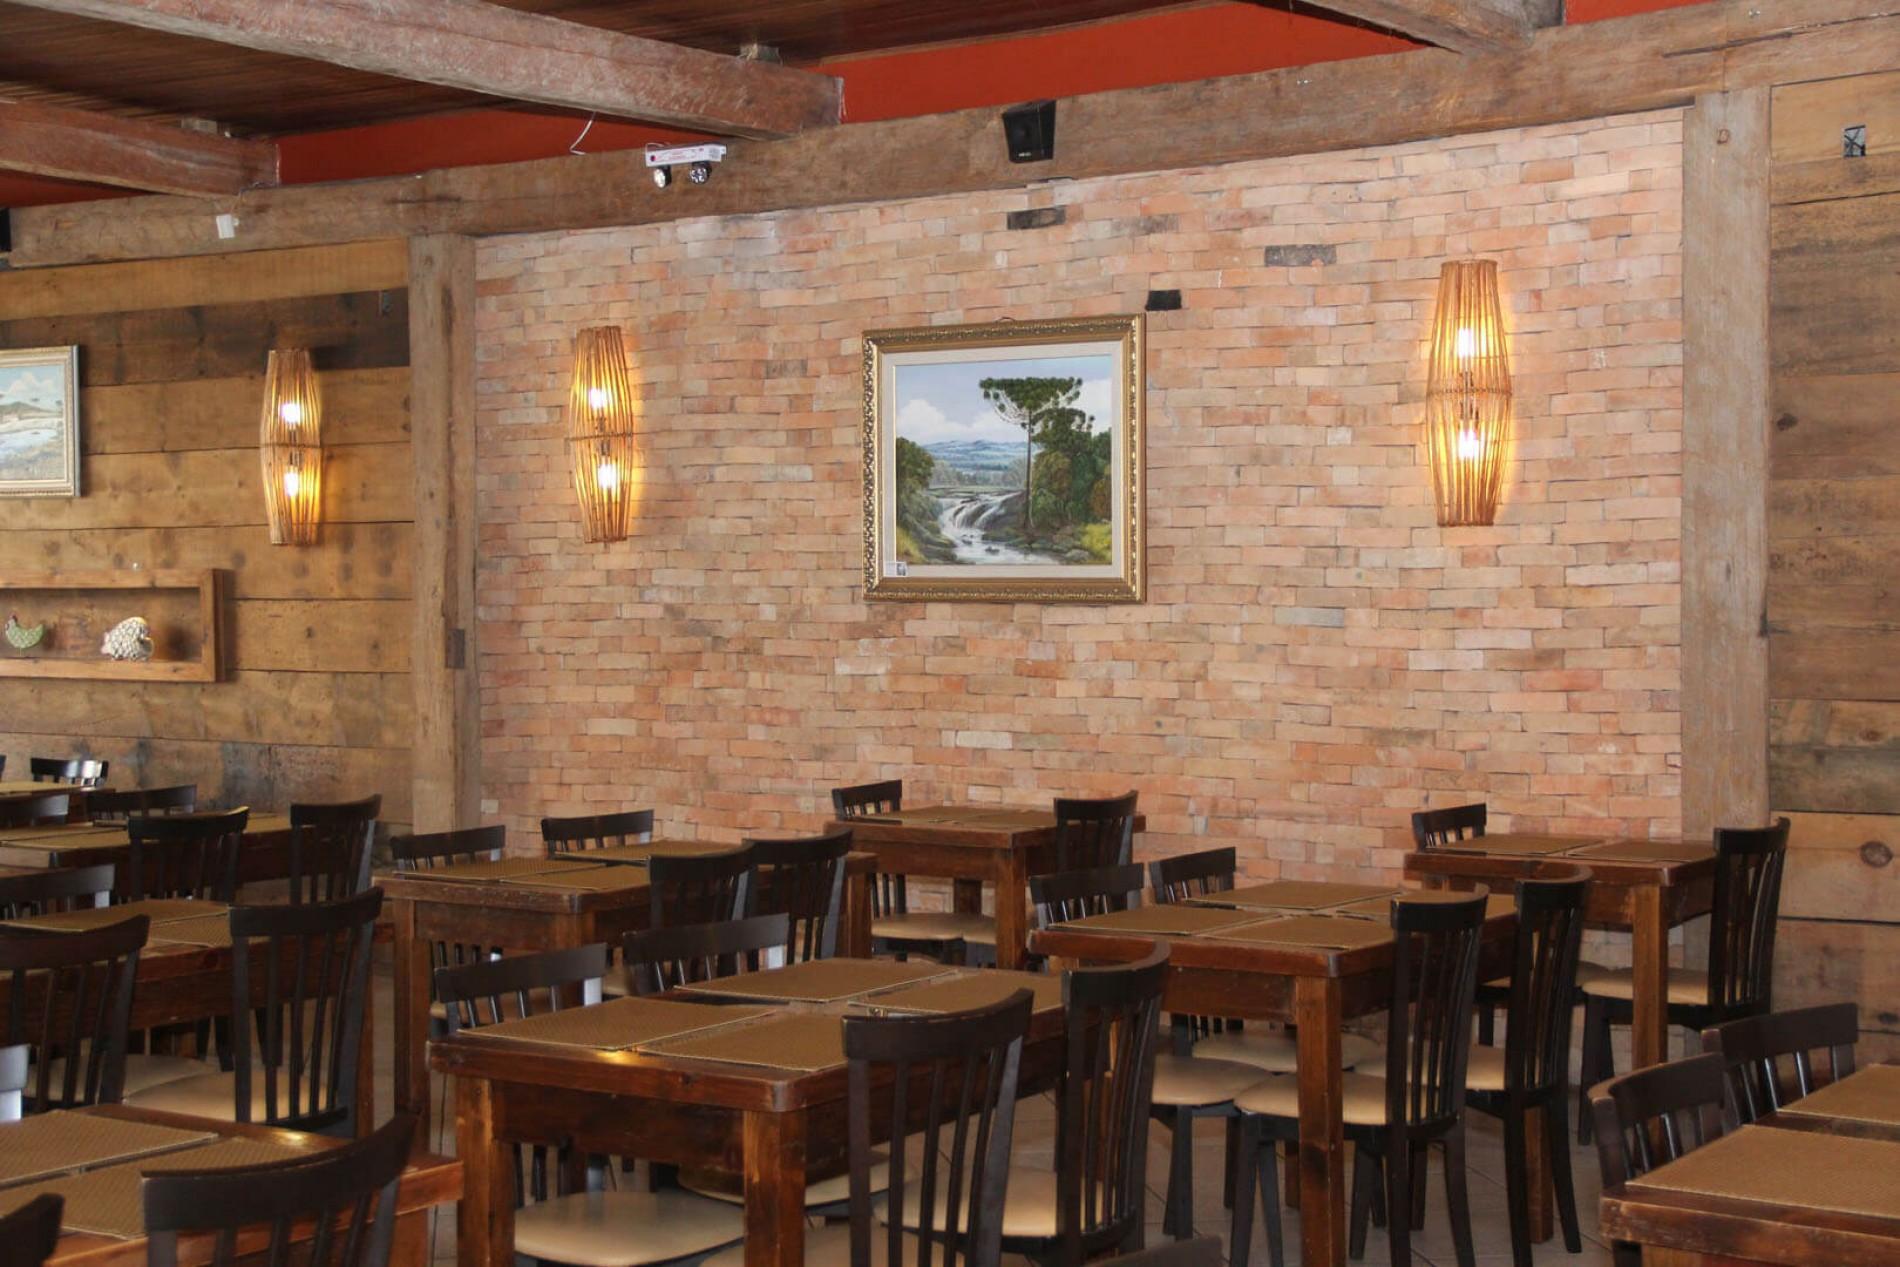 Restaurante Cansian Zamban13